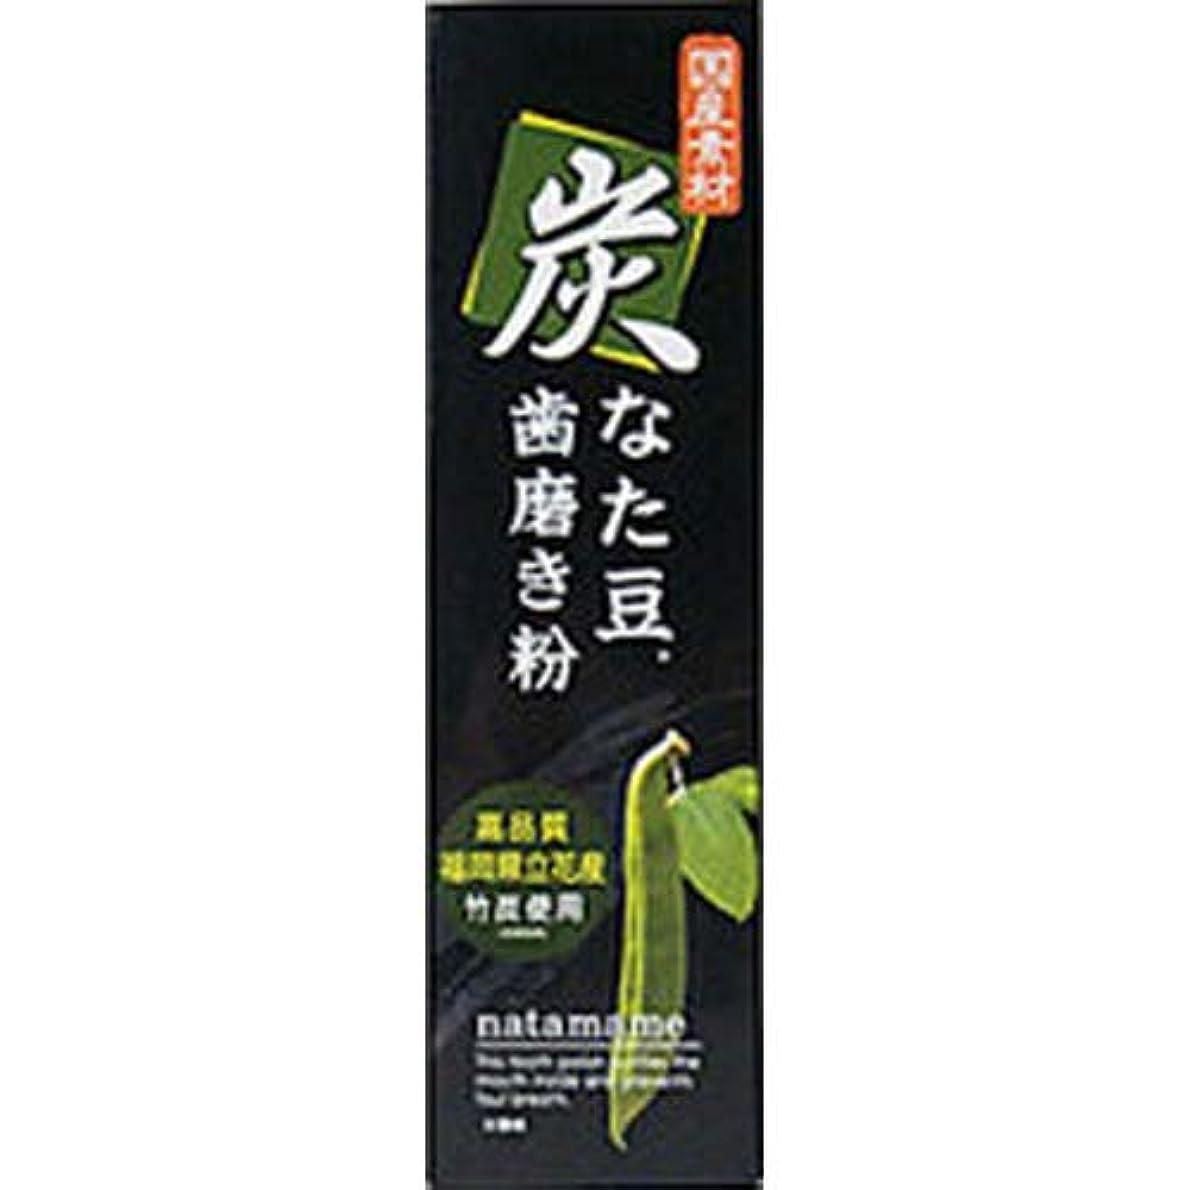 隠されたヘビ特徴づける炭なた豆歯磨き粉 120g